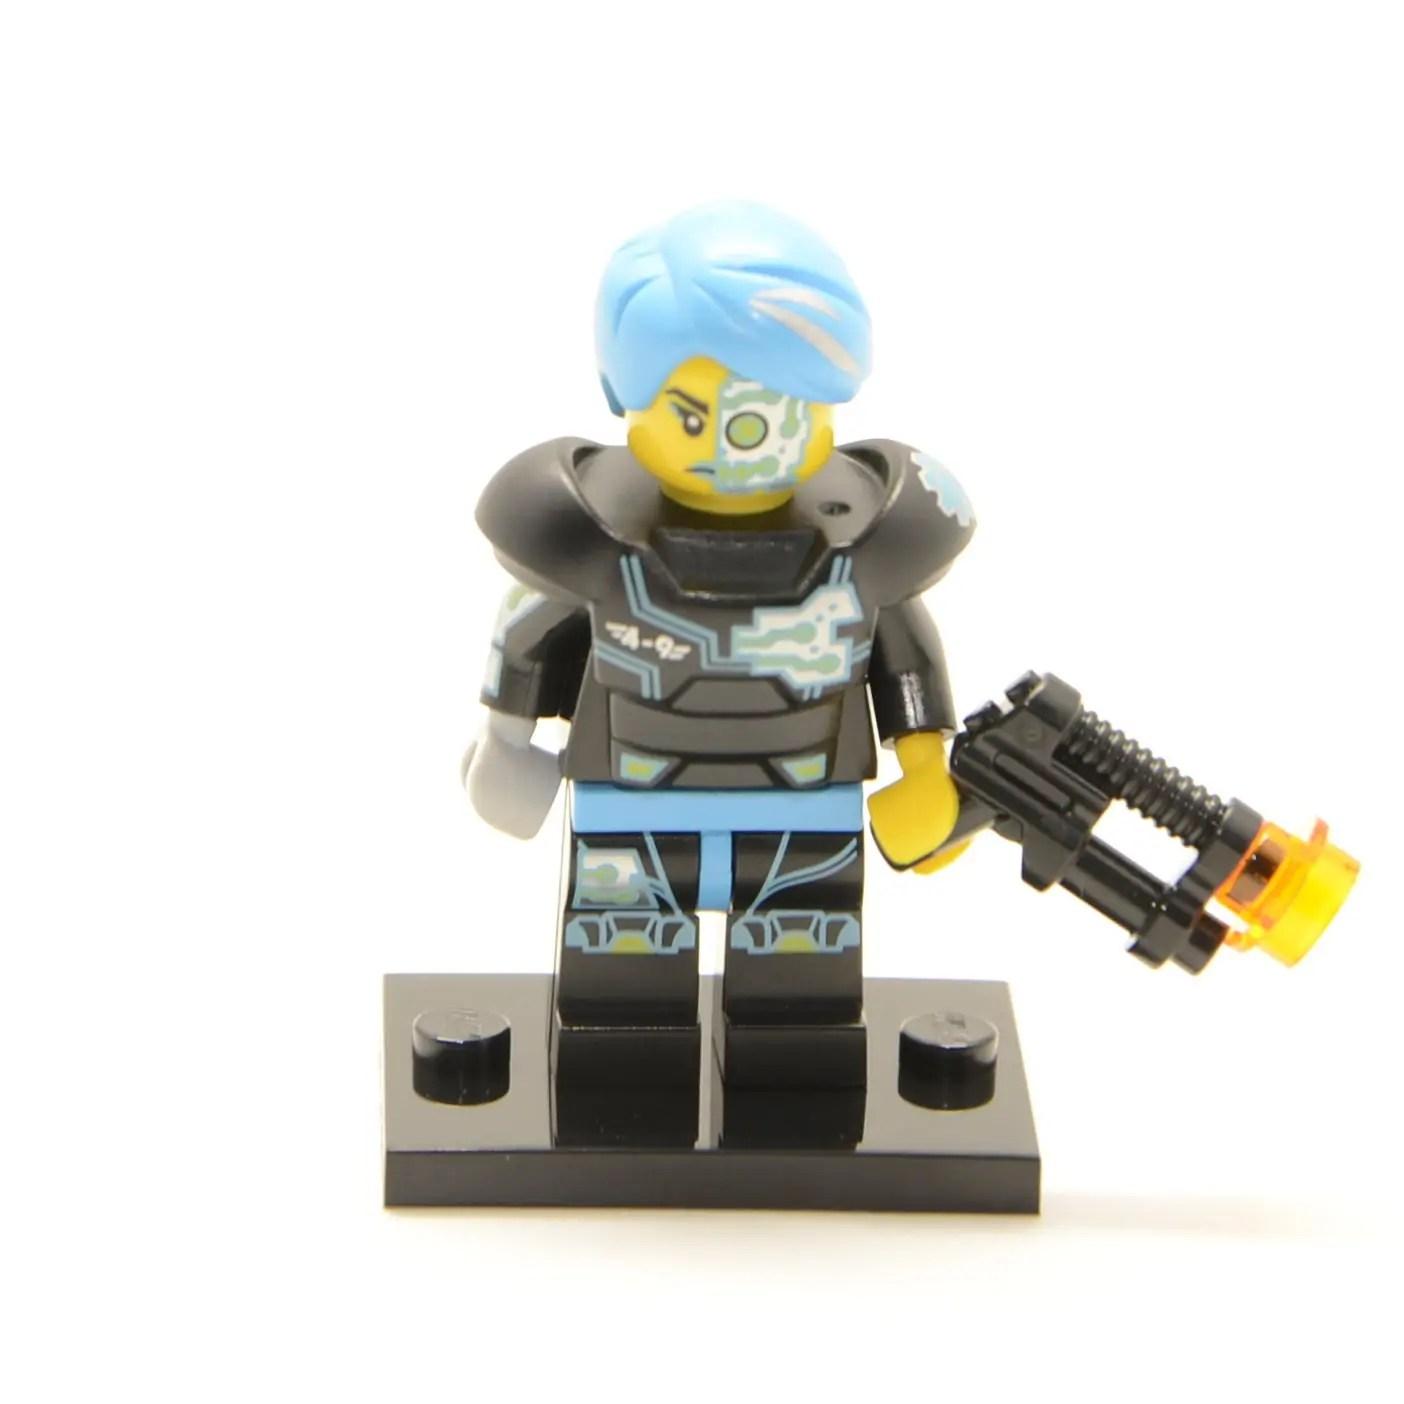 Lego Ritter Schild Figur Minifigur für Set 677 Baukästen & Konstruktion LEGO Minifiguren